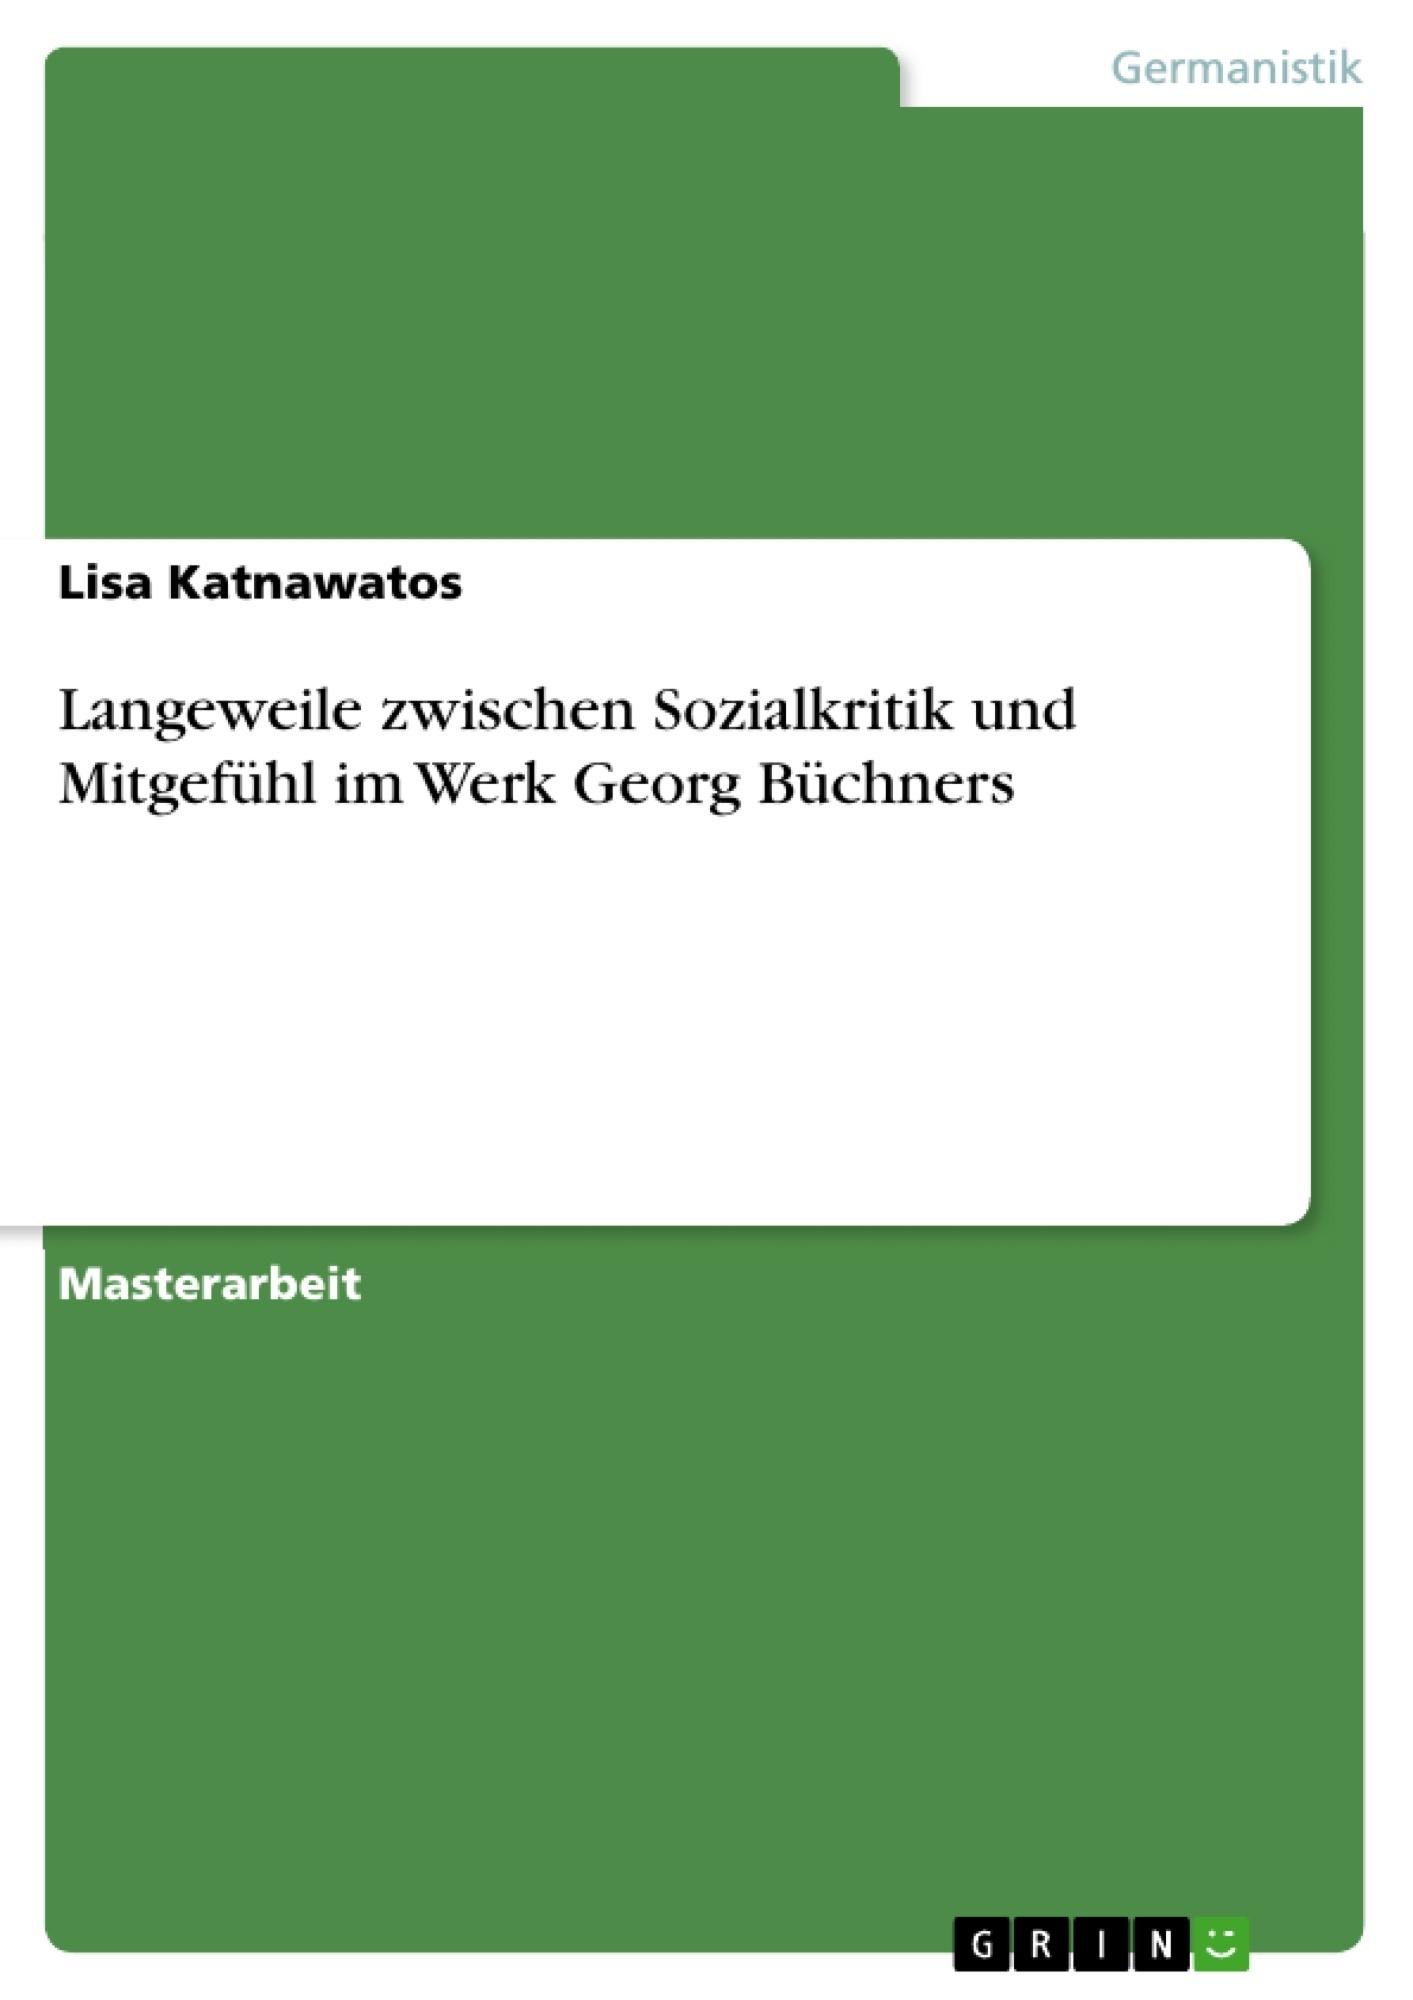 Titel: Langeweile zwischen Sozialkritik und Mitgefühl im Werk Georg Büchners